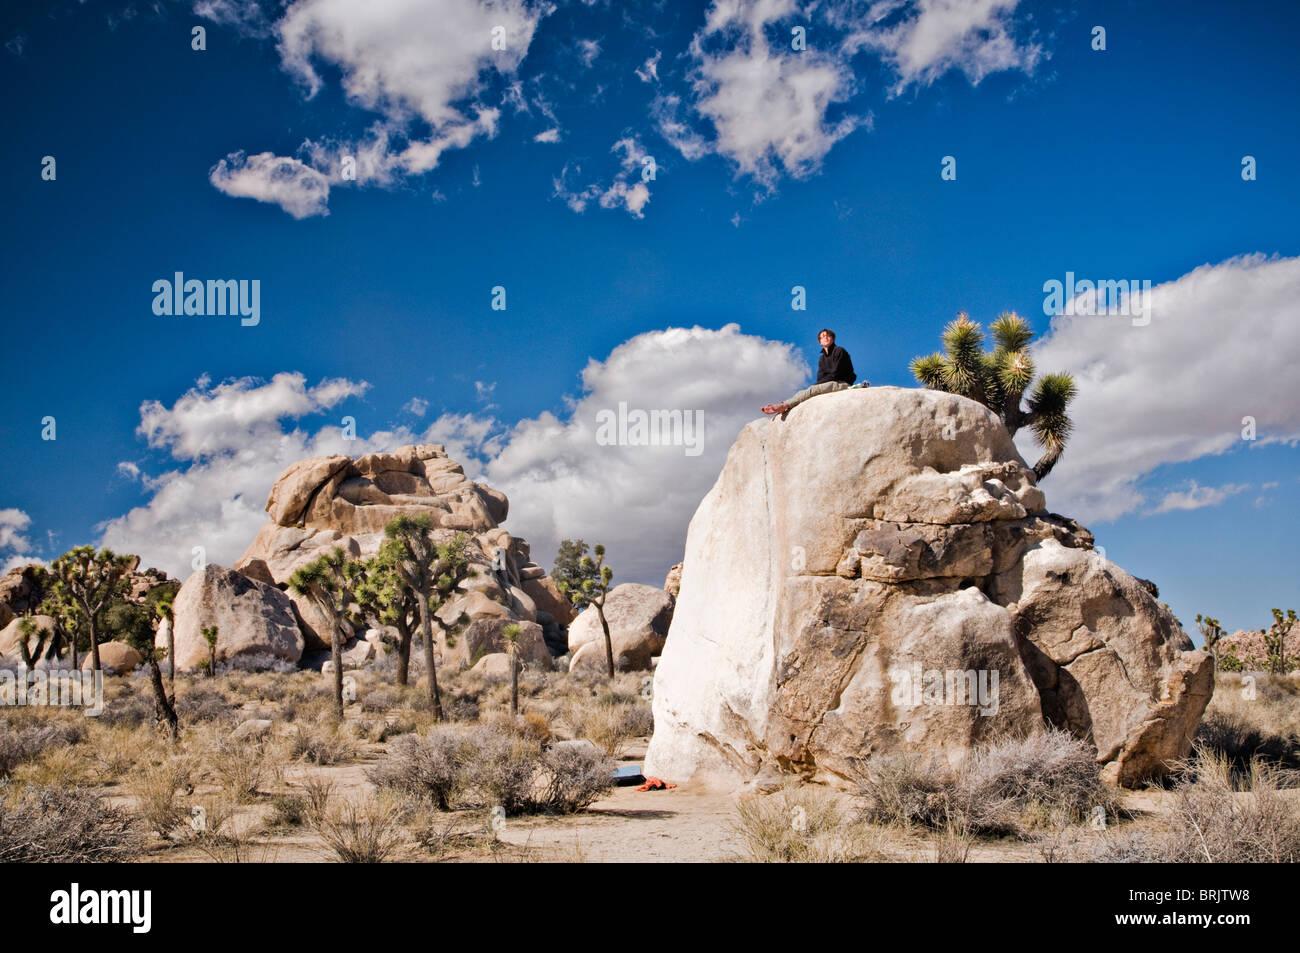 Un giovane uomo si siede su una solitaria bolder dopo la scalata di un percorso nel Parco nazionale di Joshua Tree. Immagini Stock